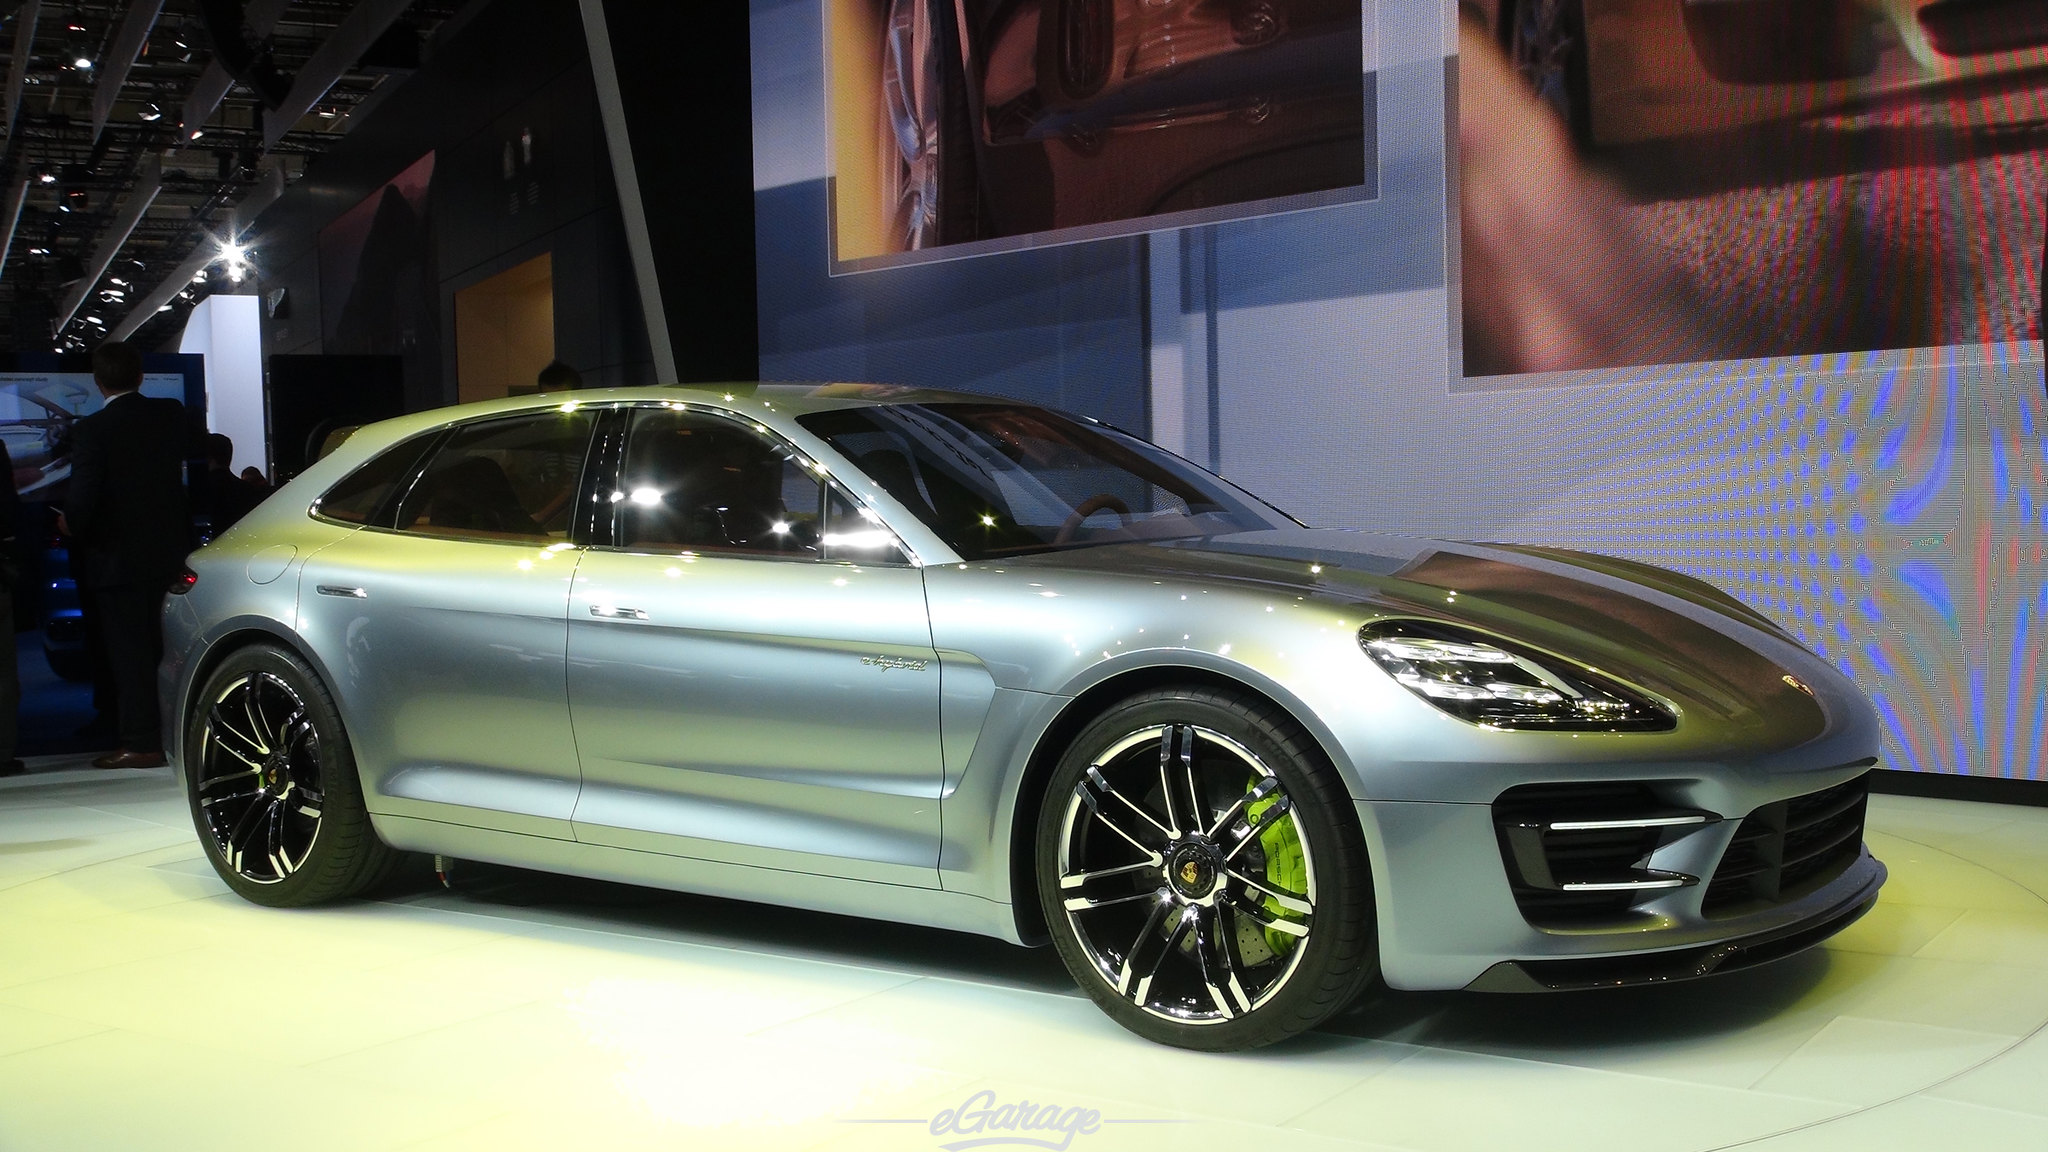 8034739195 adae15a825 k 2012 Paris Motor Show